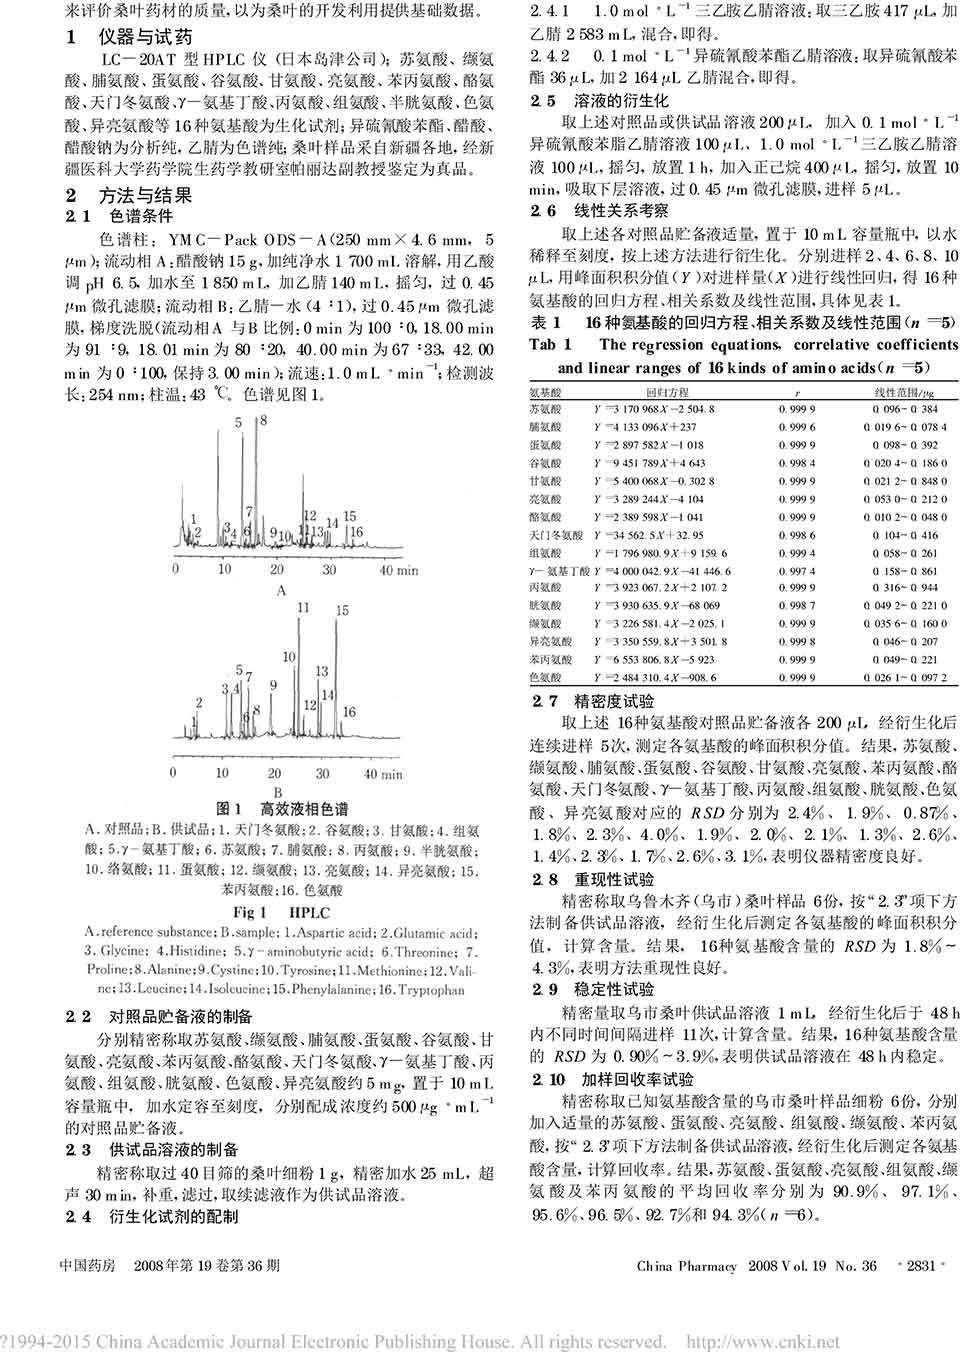 检测桑叶中16种游离氨基酸的含量二